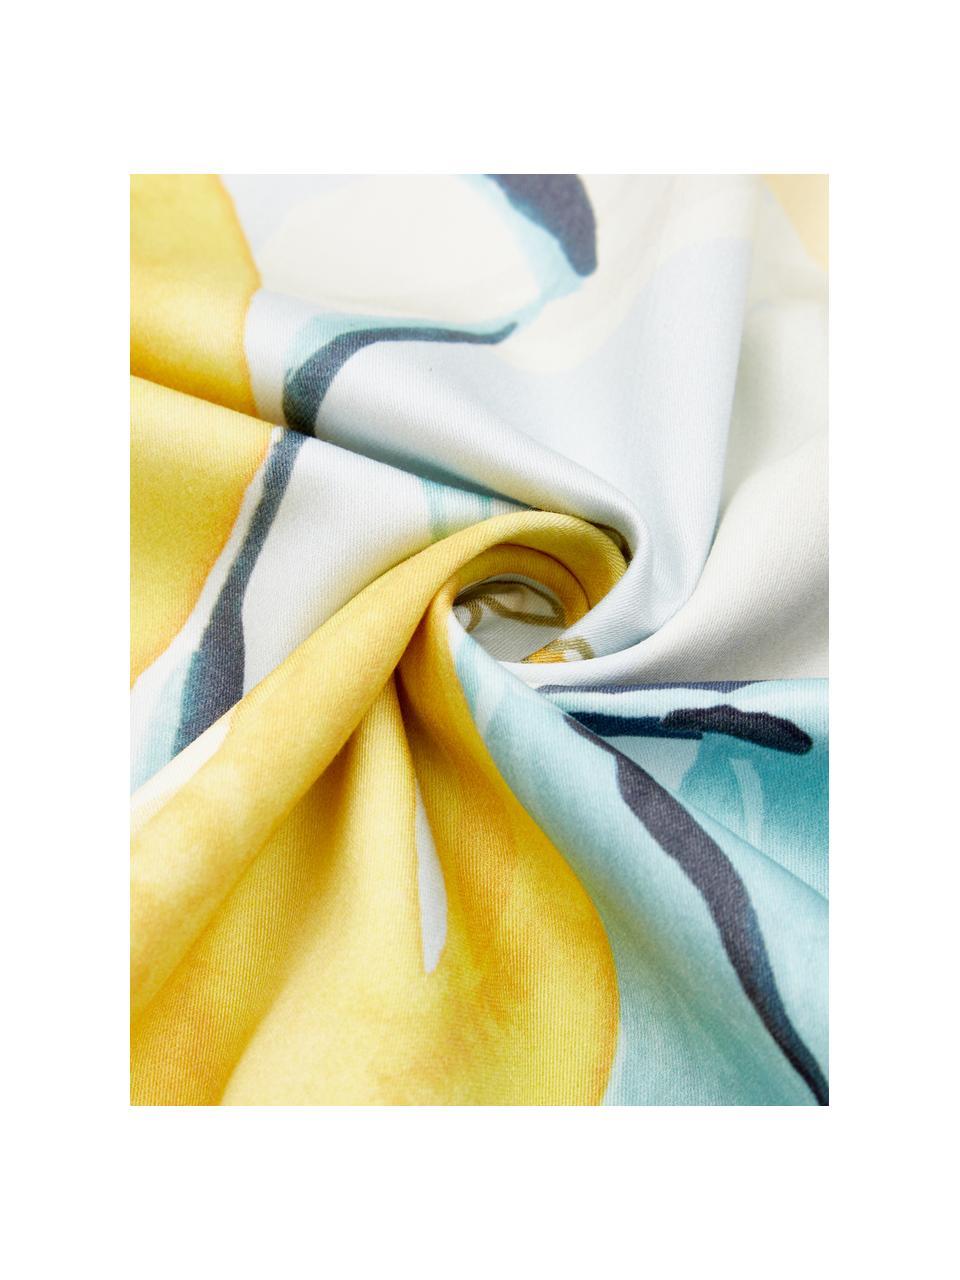 Pościel z satyny Garda, Niebieski, żółty, biały, 135 x 200 cm + 1 poduszka 80 x 80 cm